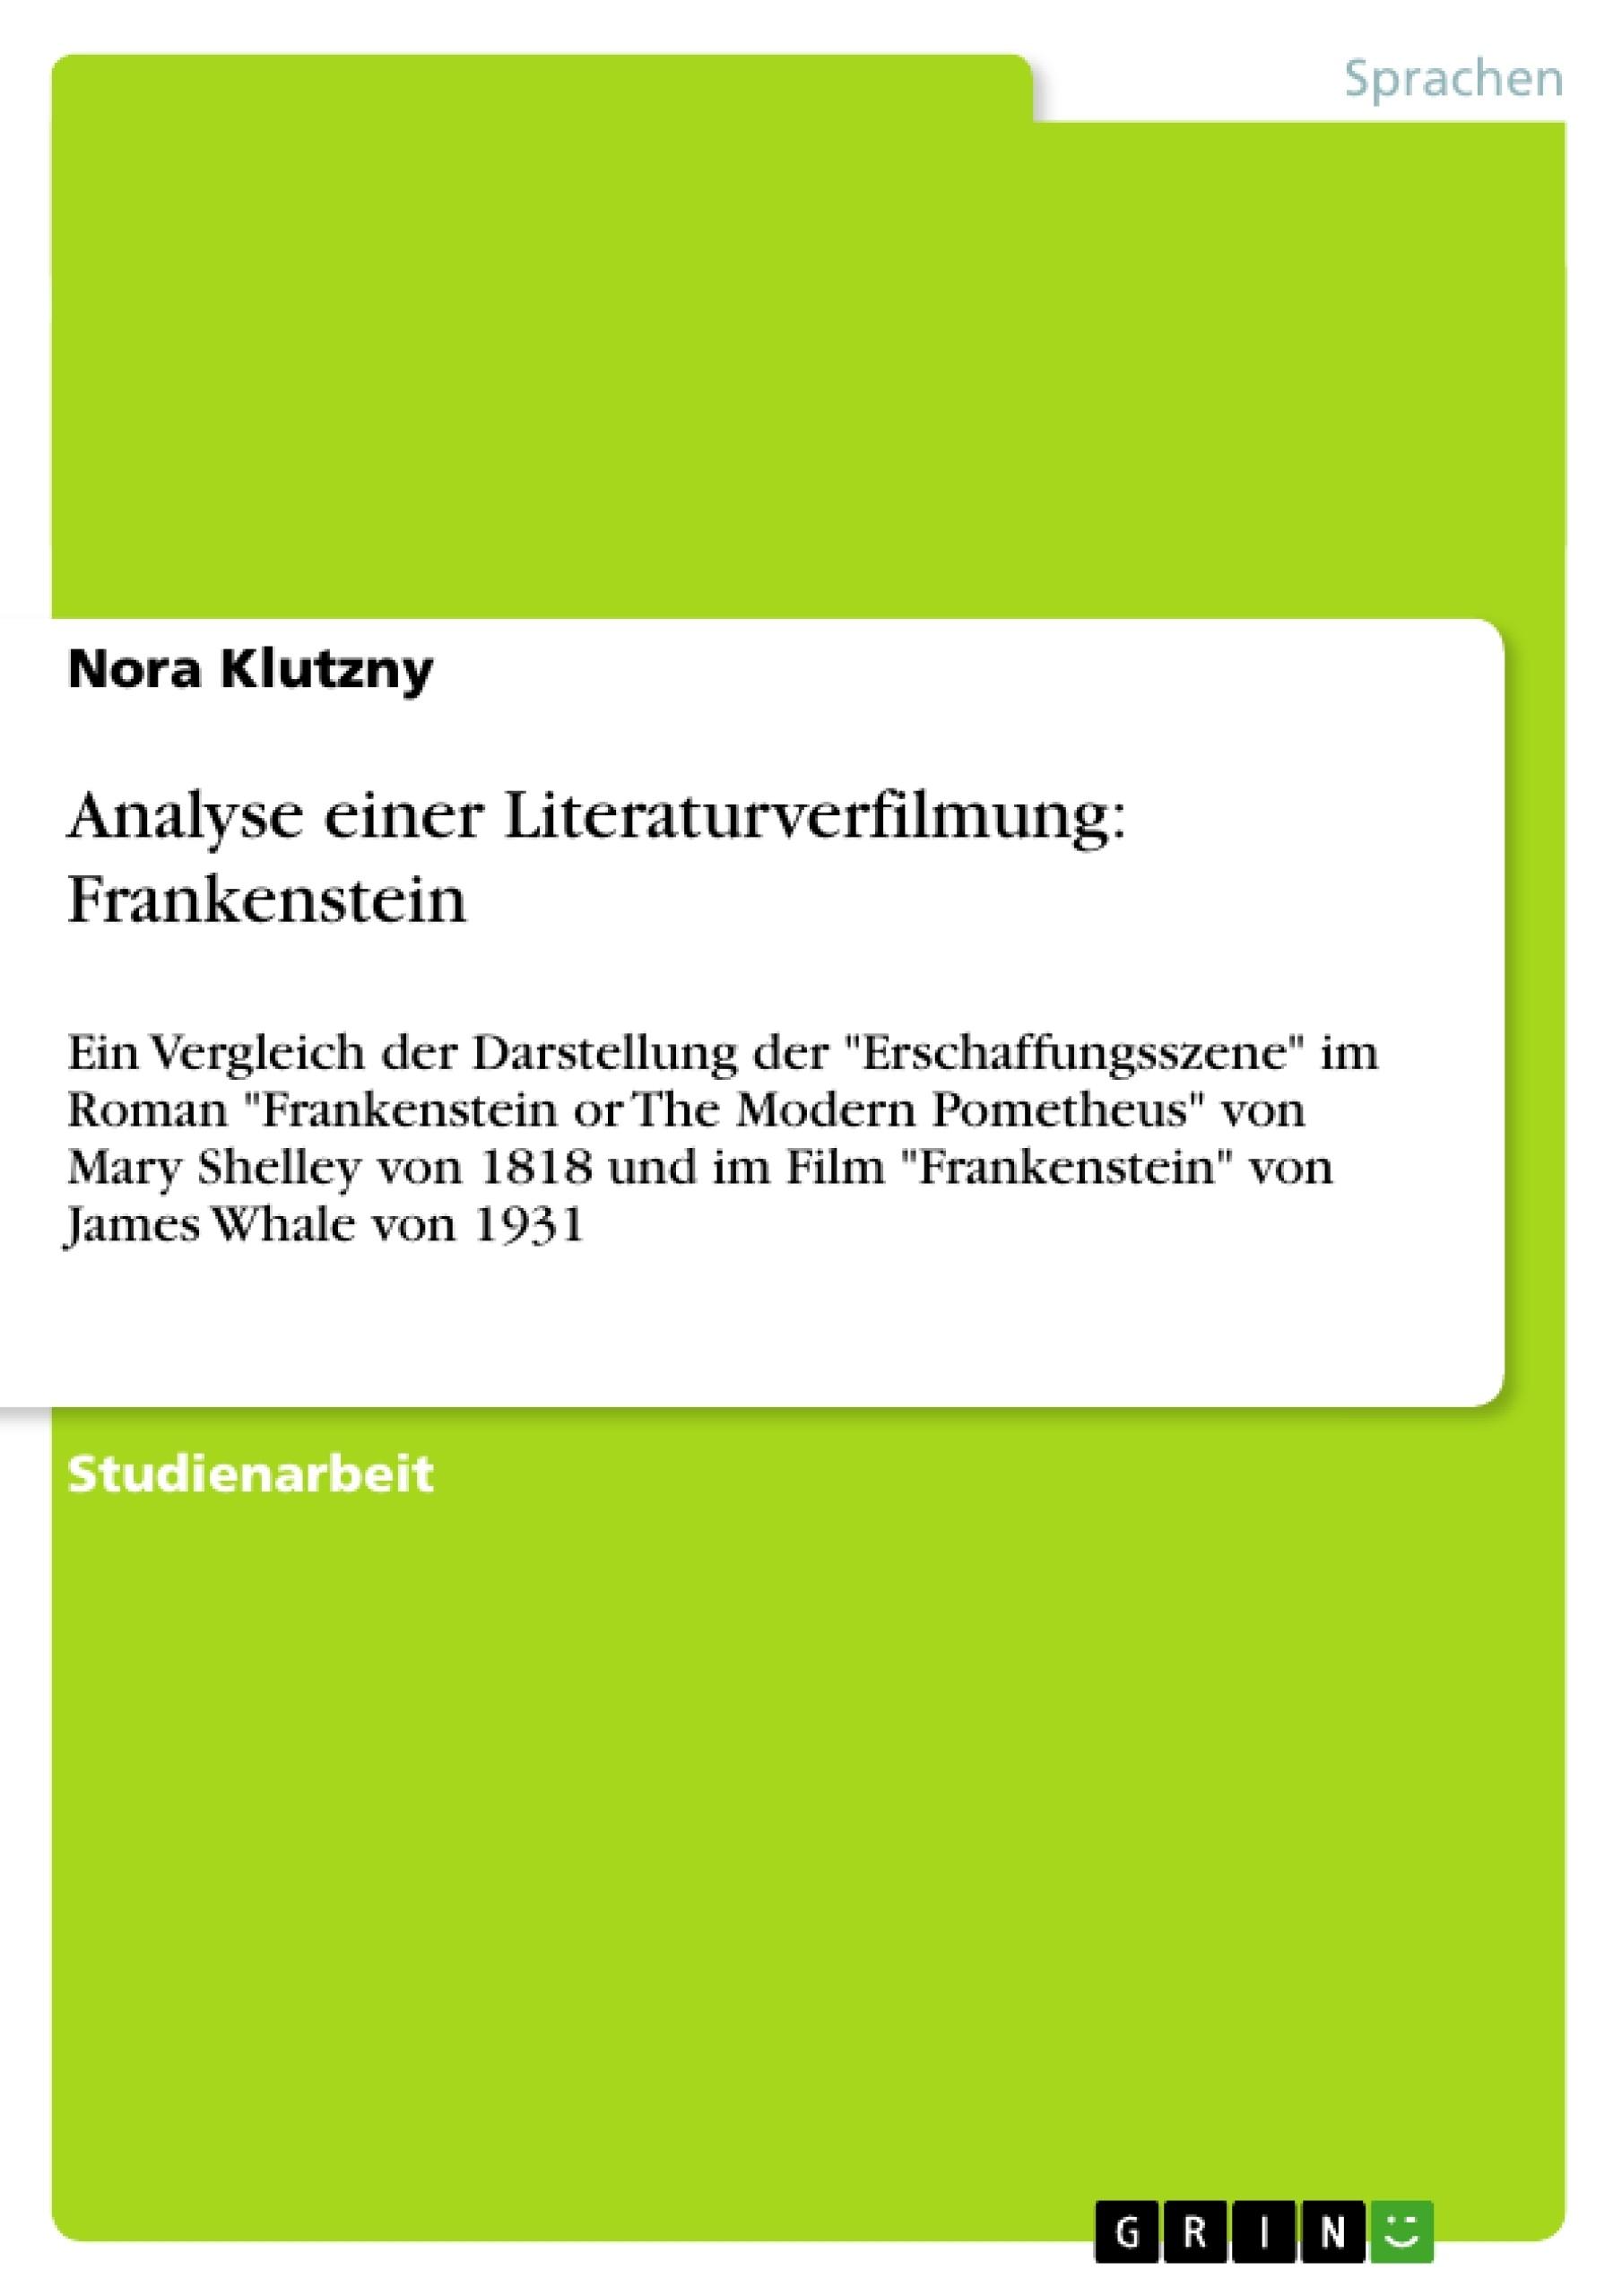 Titel: Analyse einer Literaturverfilmung: Frankenstein